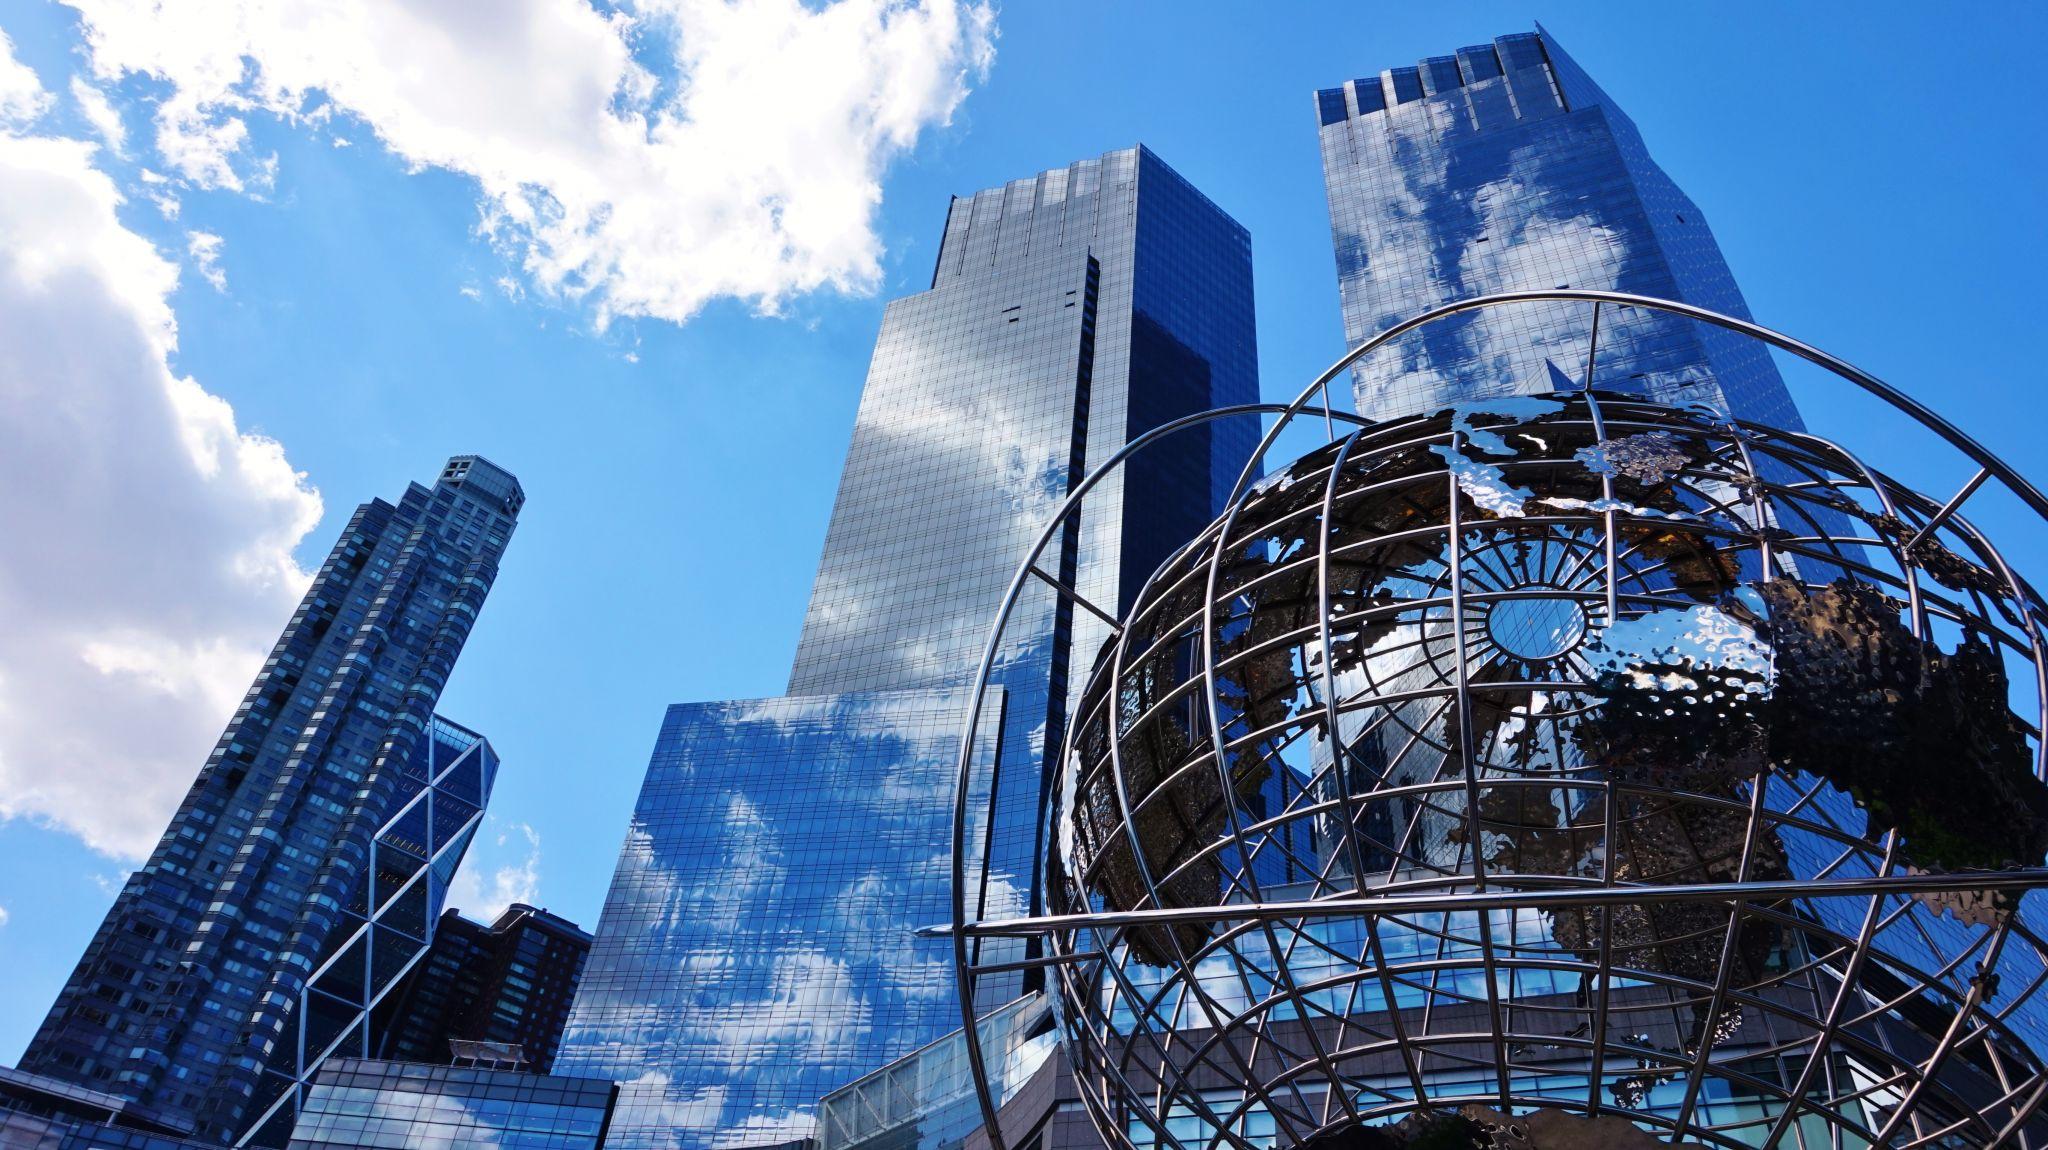 Time Warner Center & Globe, USA